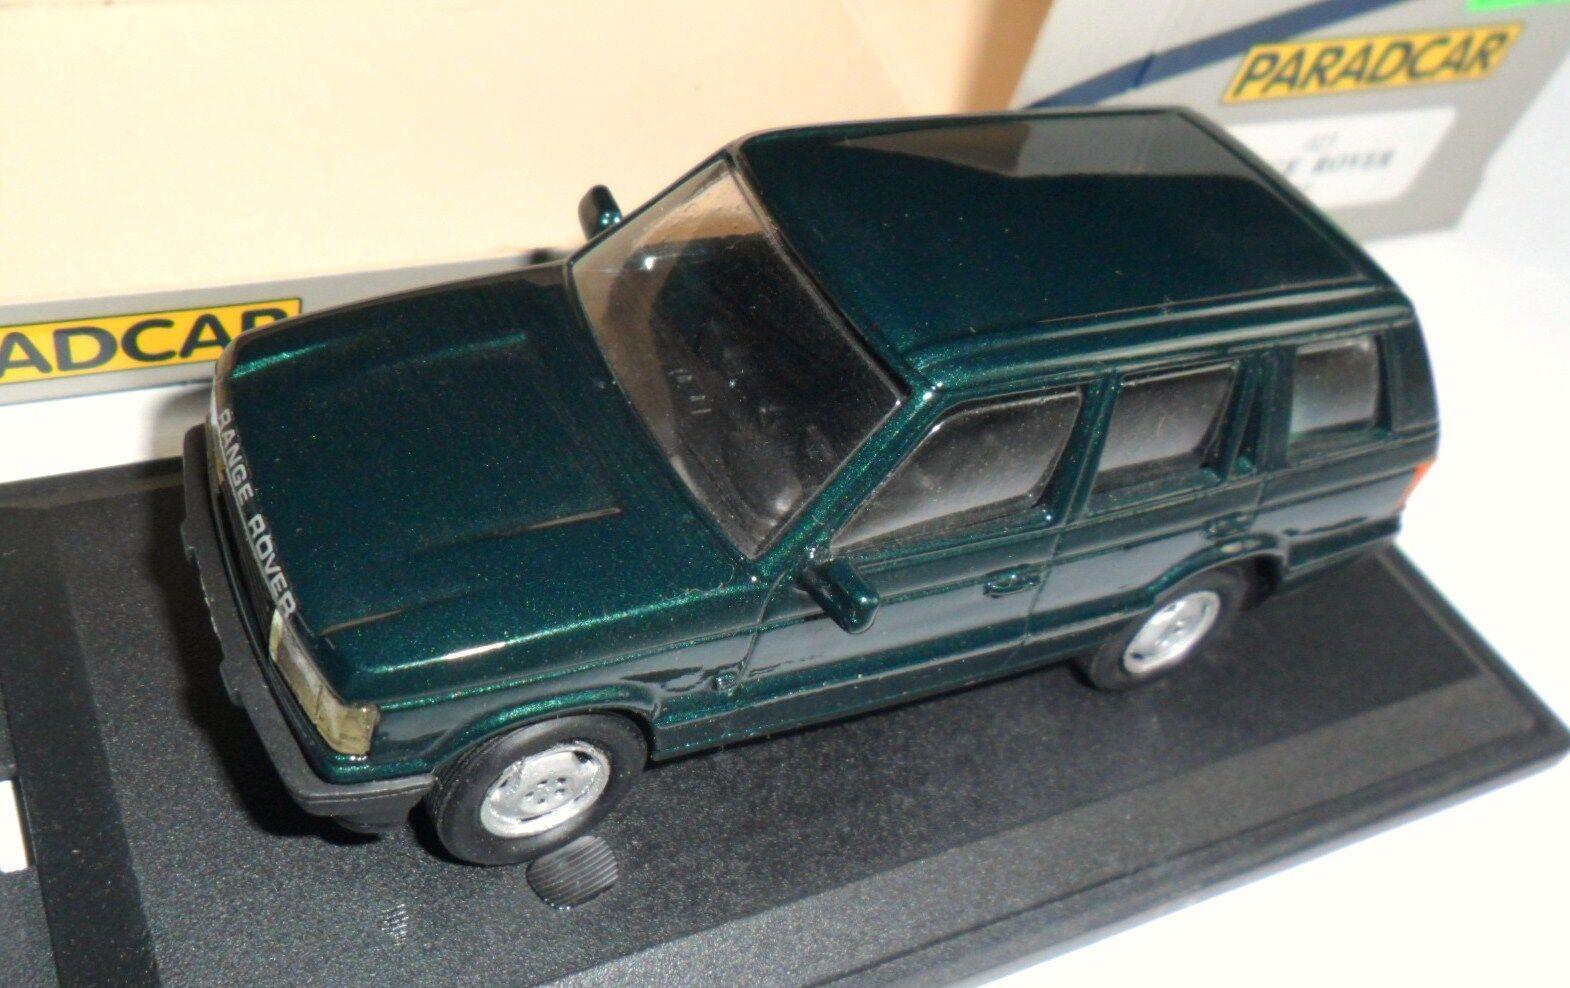 Range Rover Mk Mk Mk II 2 grün Grüne Grün metallic, Handmade PARADCAR in 1 43 boxed    Am wirtschaftlichsten  c8fcf8